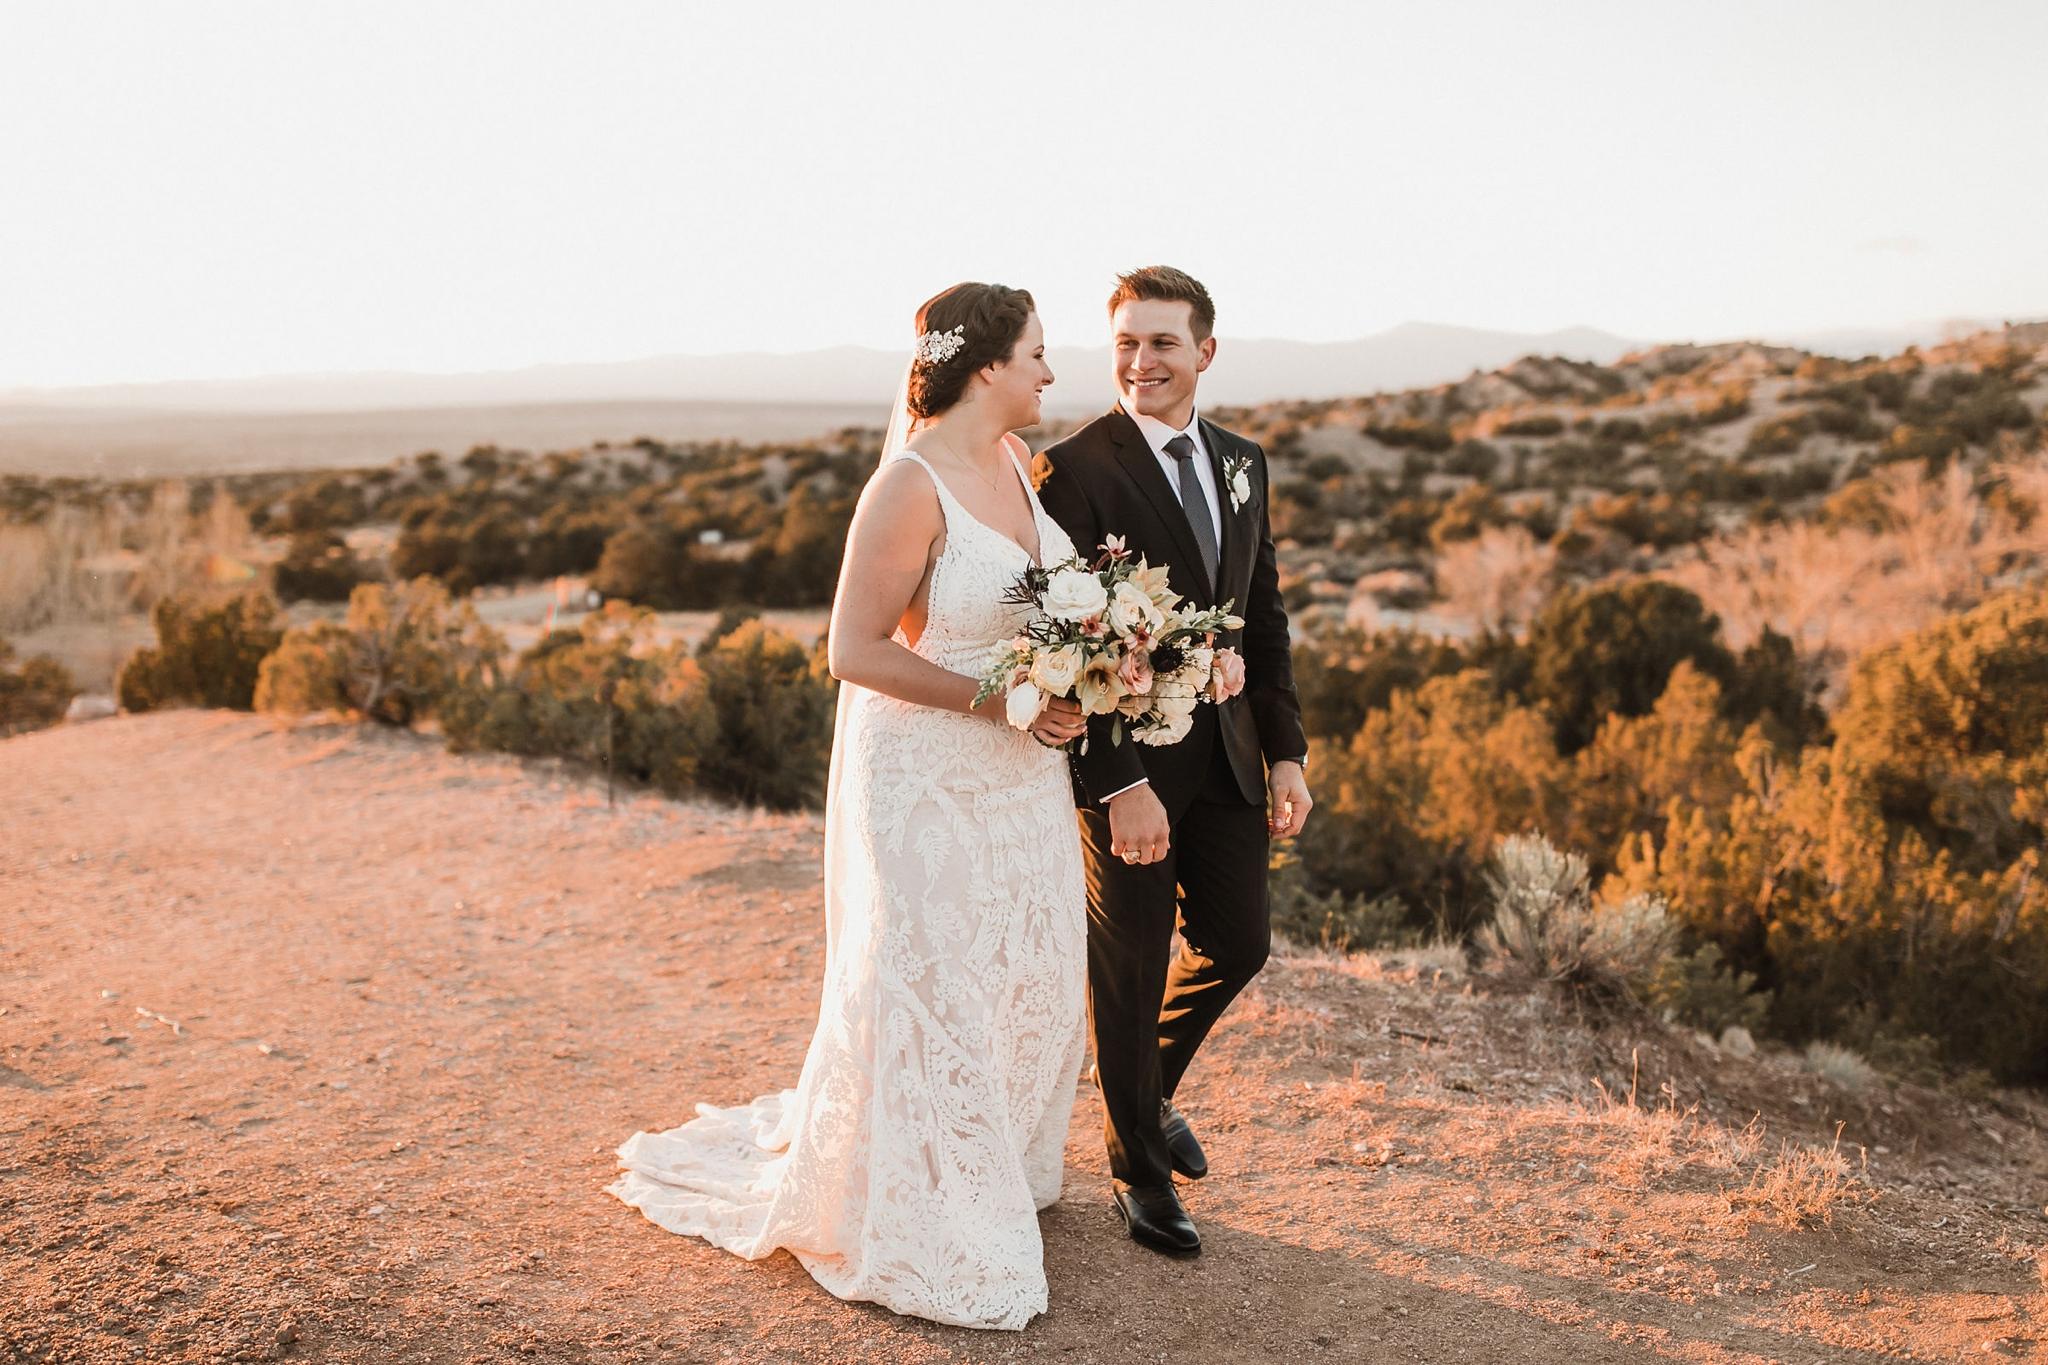 Alicia+lucia+photography+-+albuquerque+wedding+photographer+-+santa+fe+wedding+photography+-+new+mexico+wedding+photographer+-+new+mexico+wedding+-+santa+fe+wedding+-+four+seasons+wedding+-+winter+wedding_0100.jpg